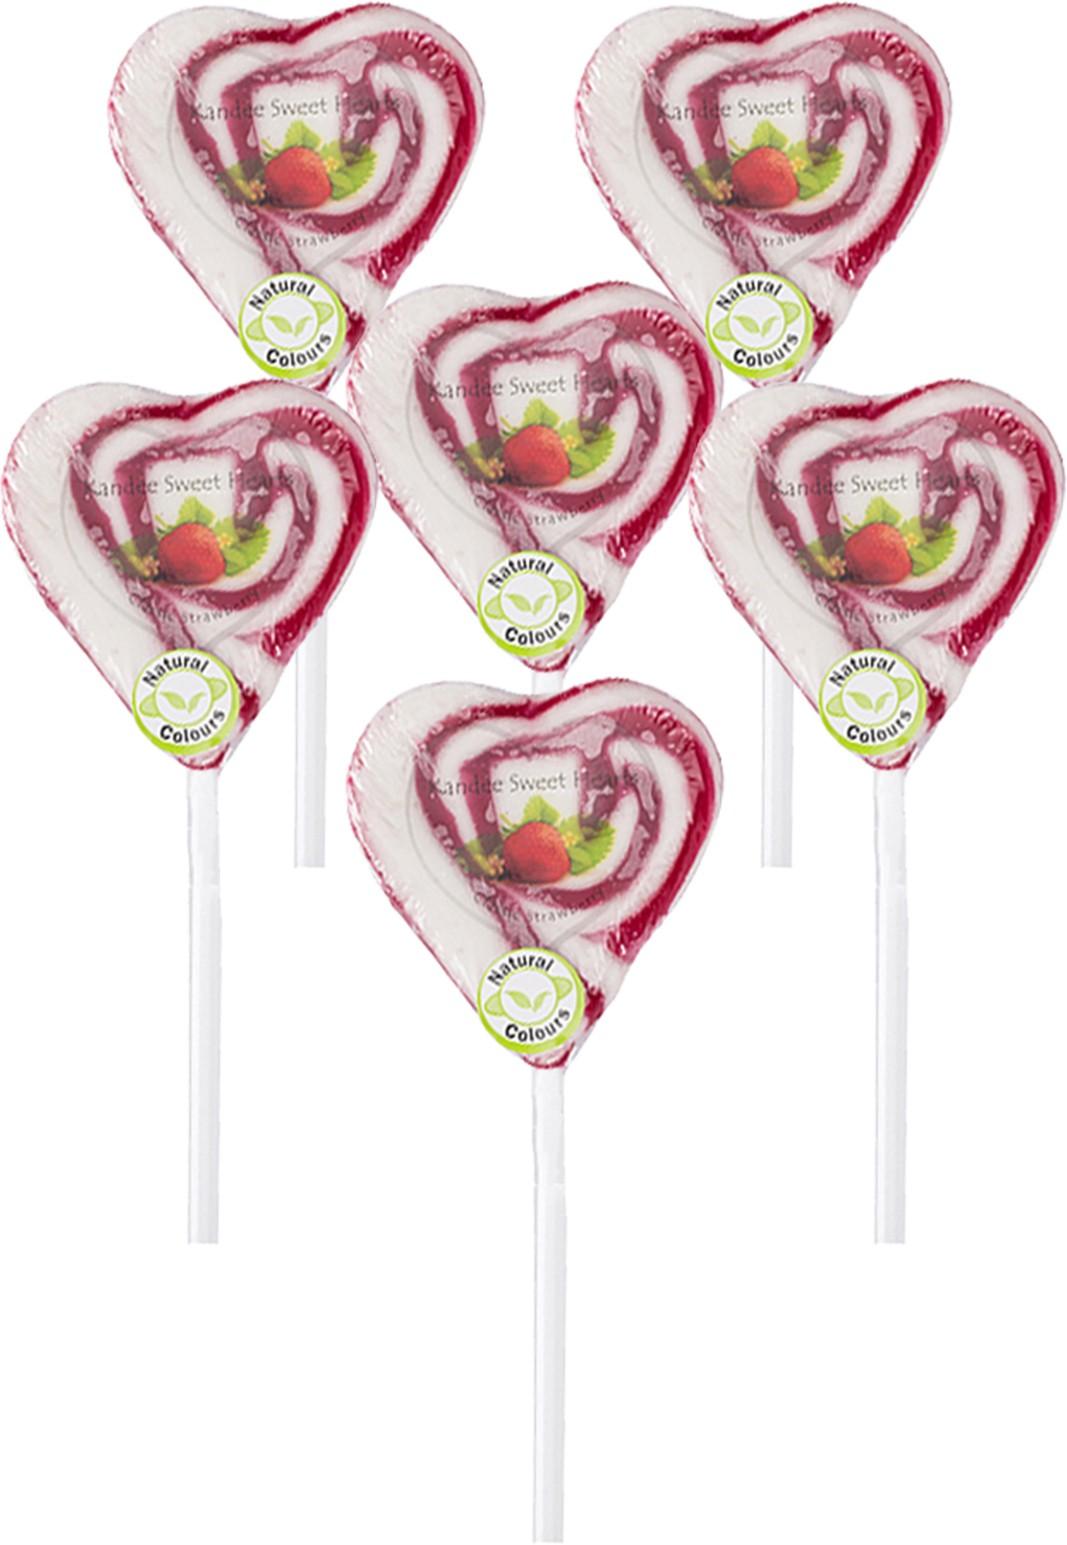 Kandee Sweet heart Strawberry Lollipop